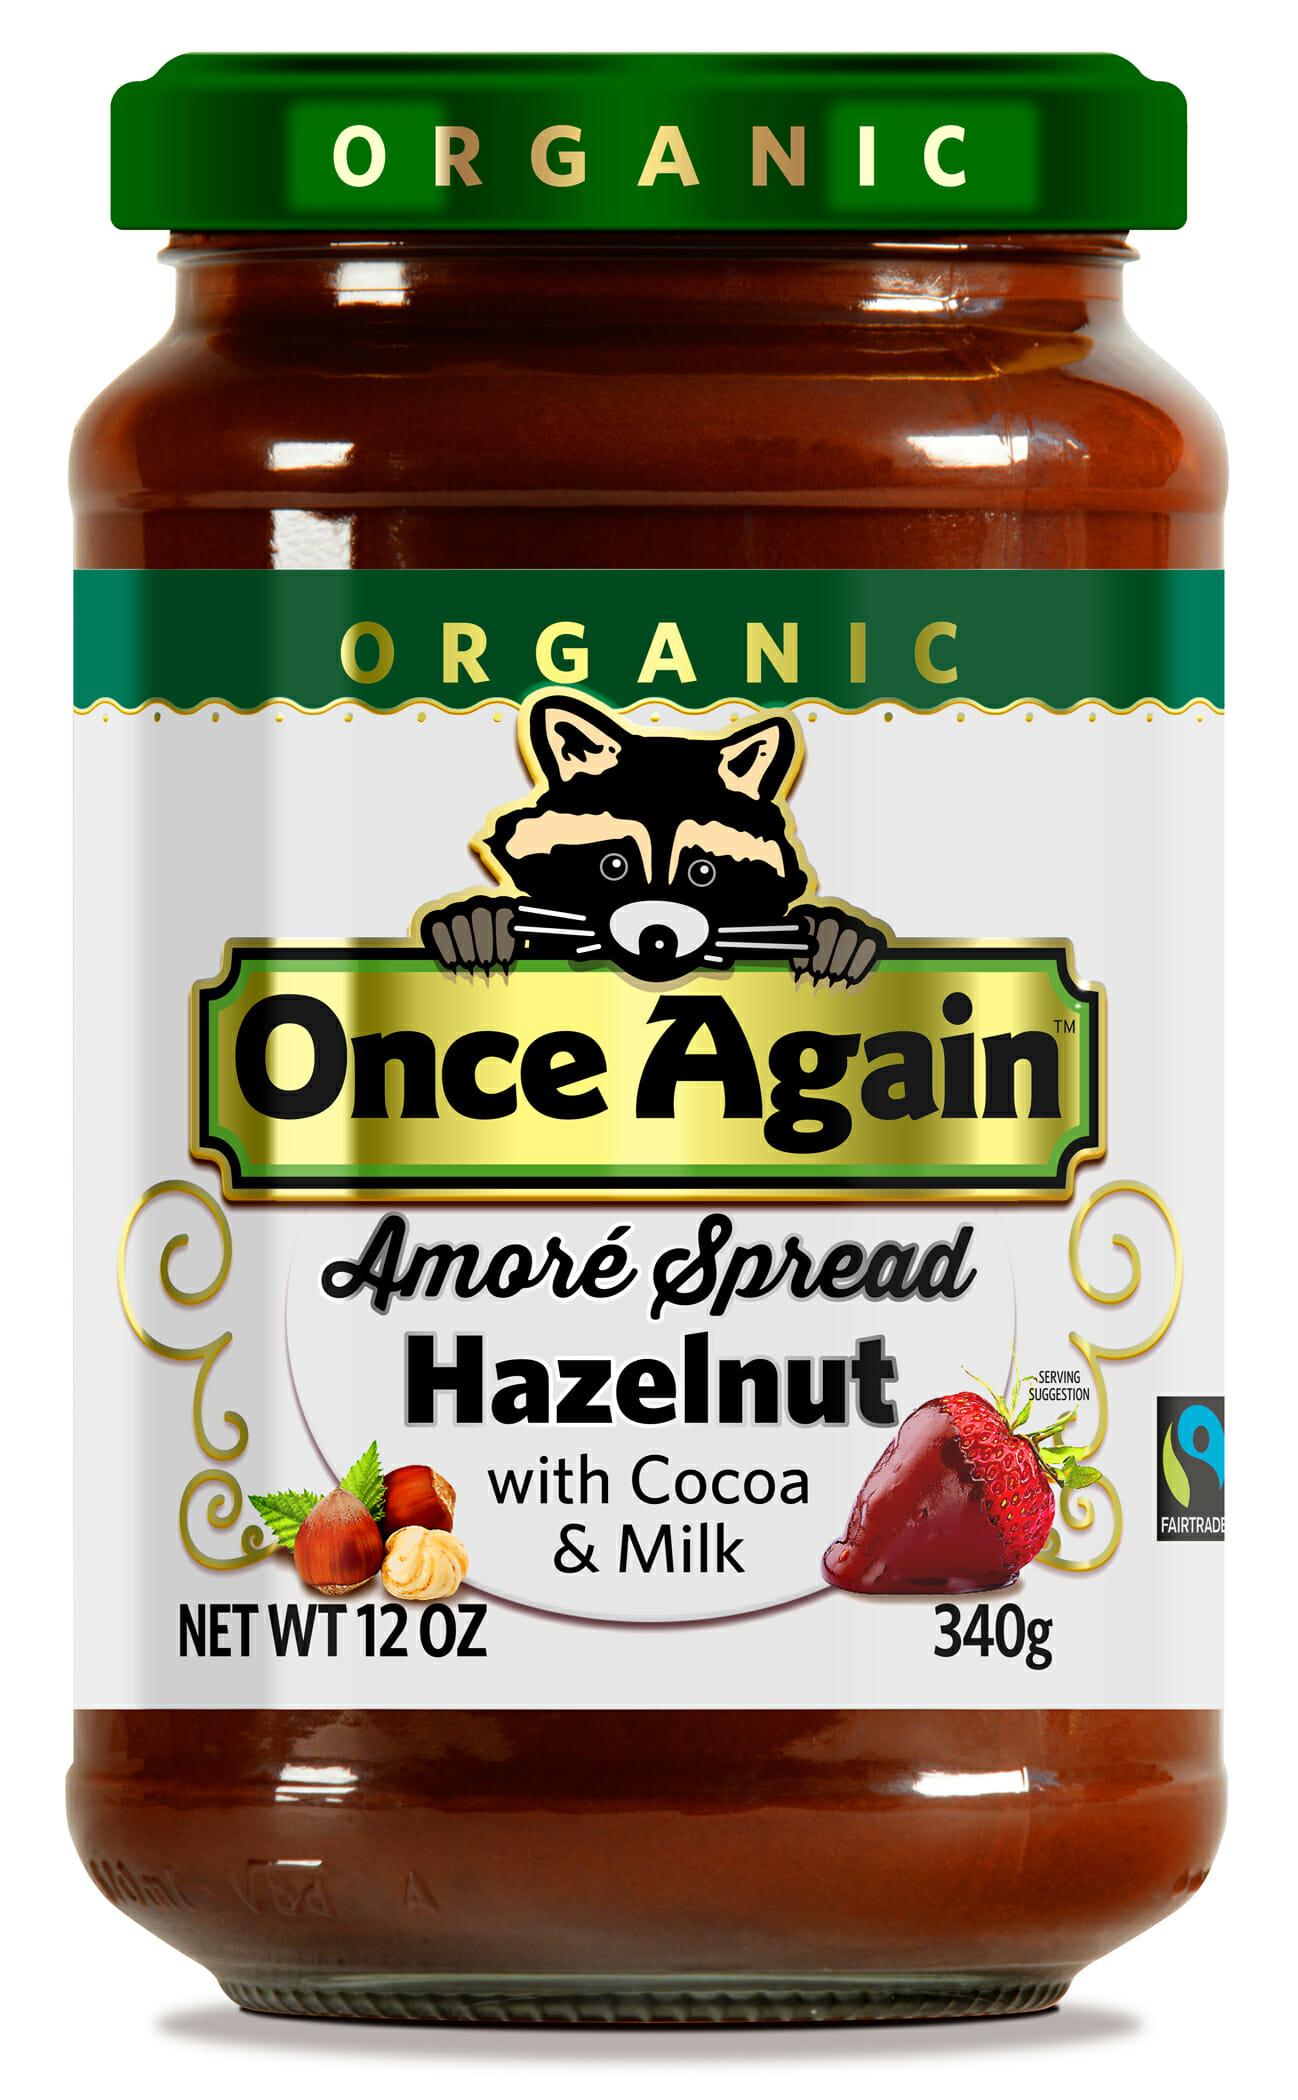 Amor? Spread Hazelnut